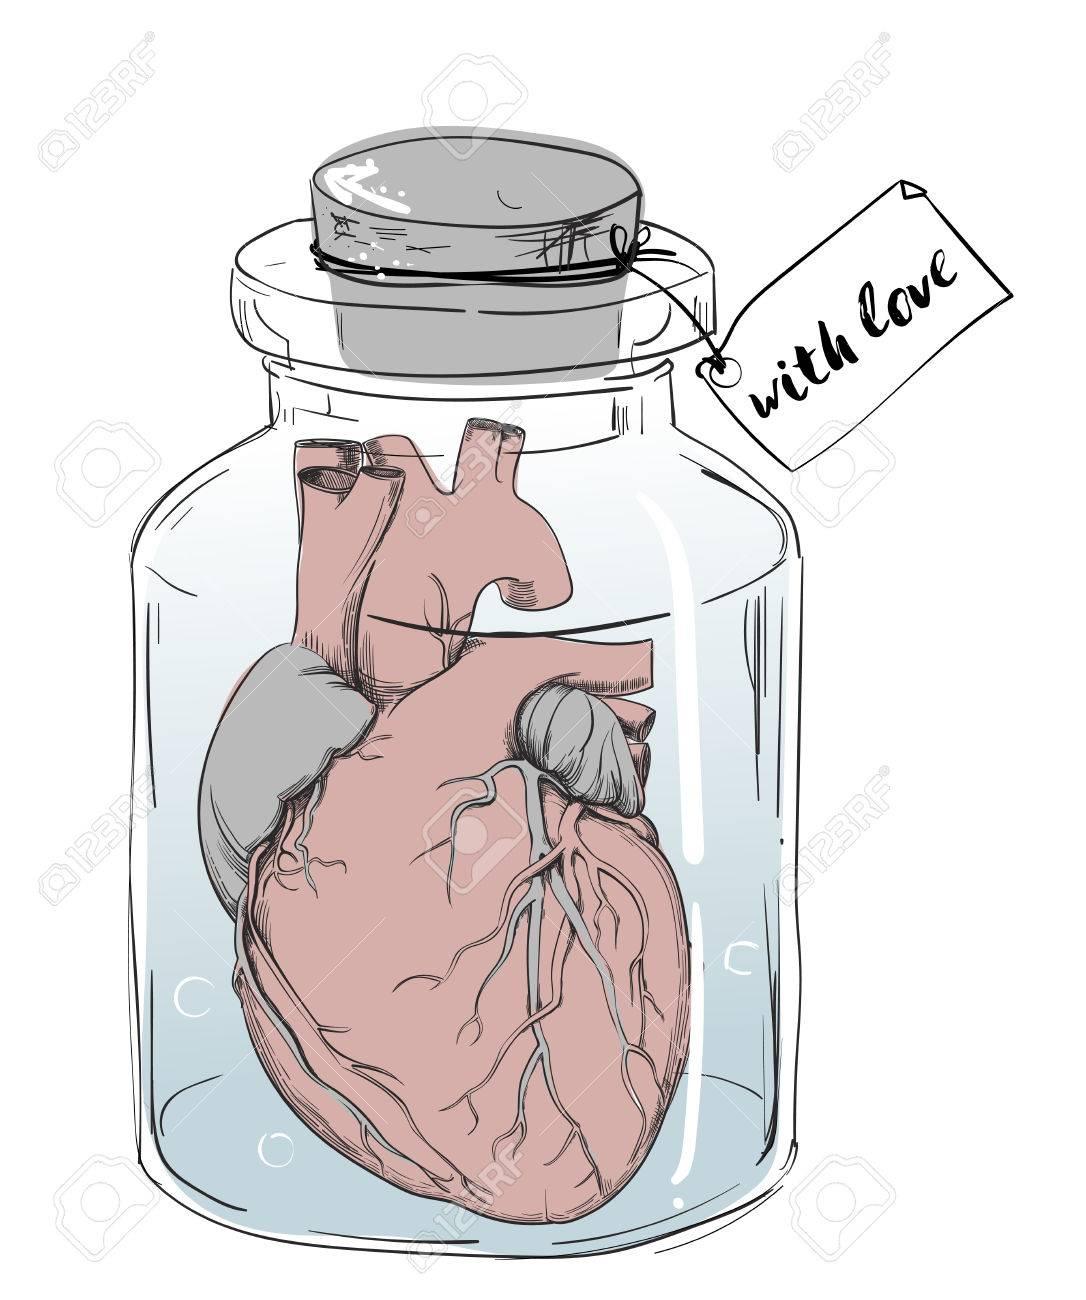 Corazón - Divertida Broma De La Anatomía Ilustraciones Vectoriales ...